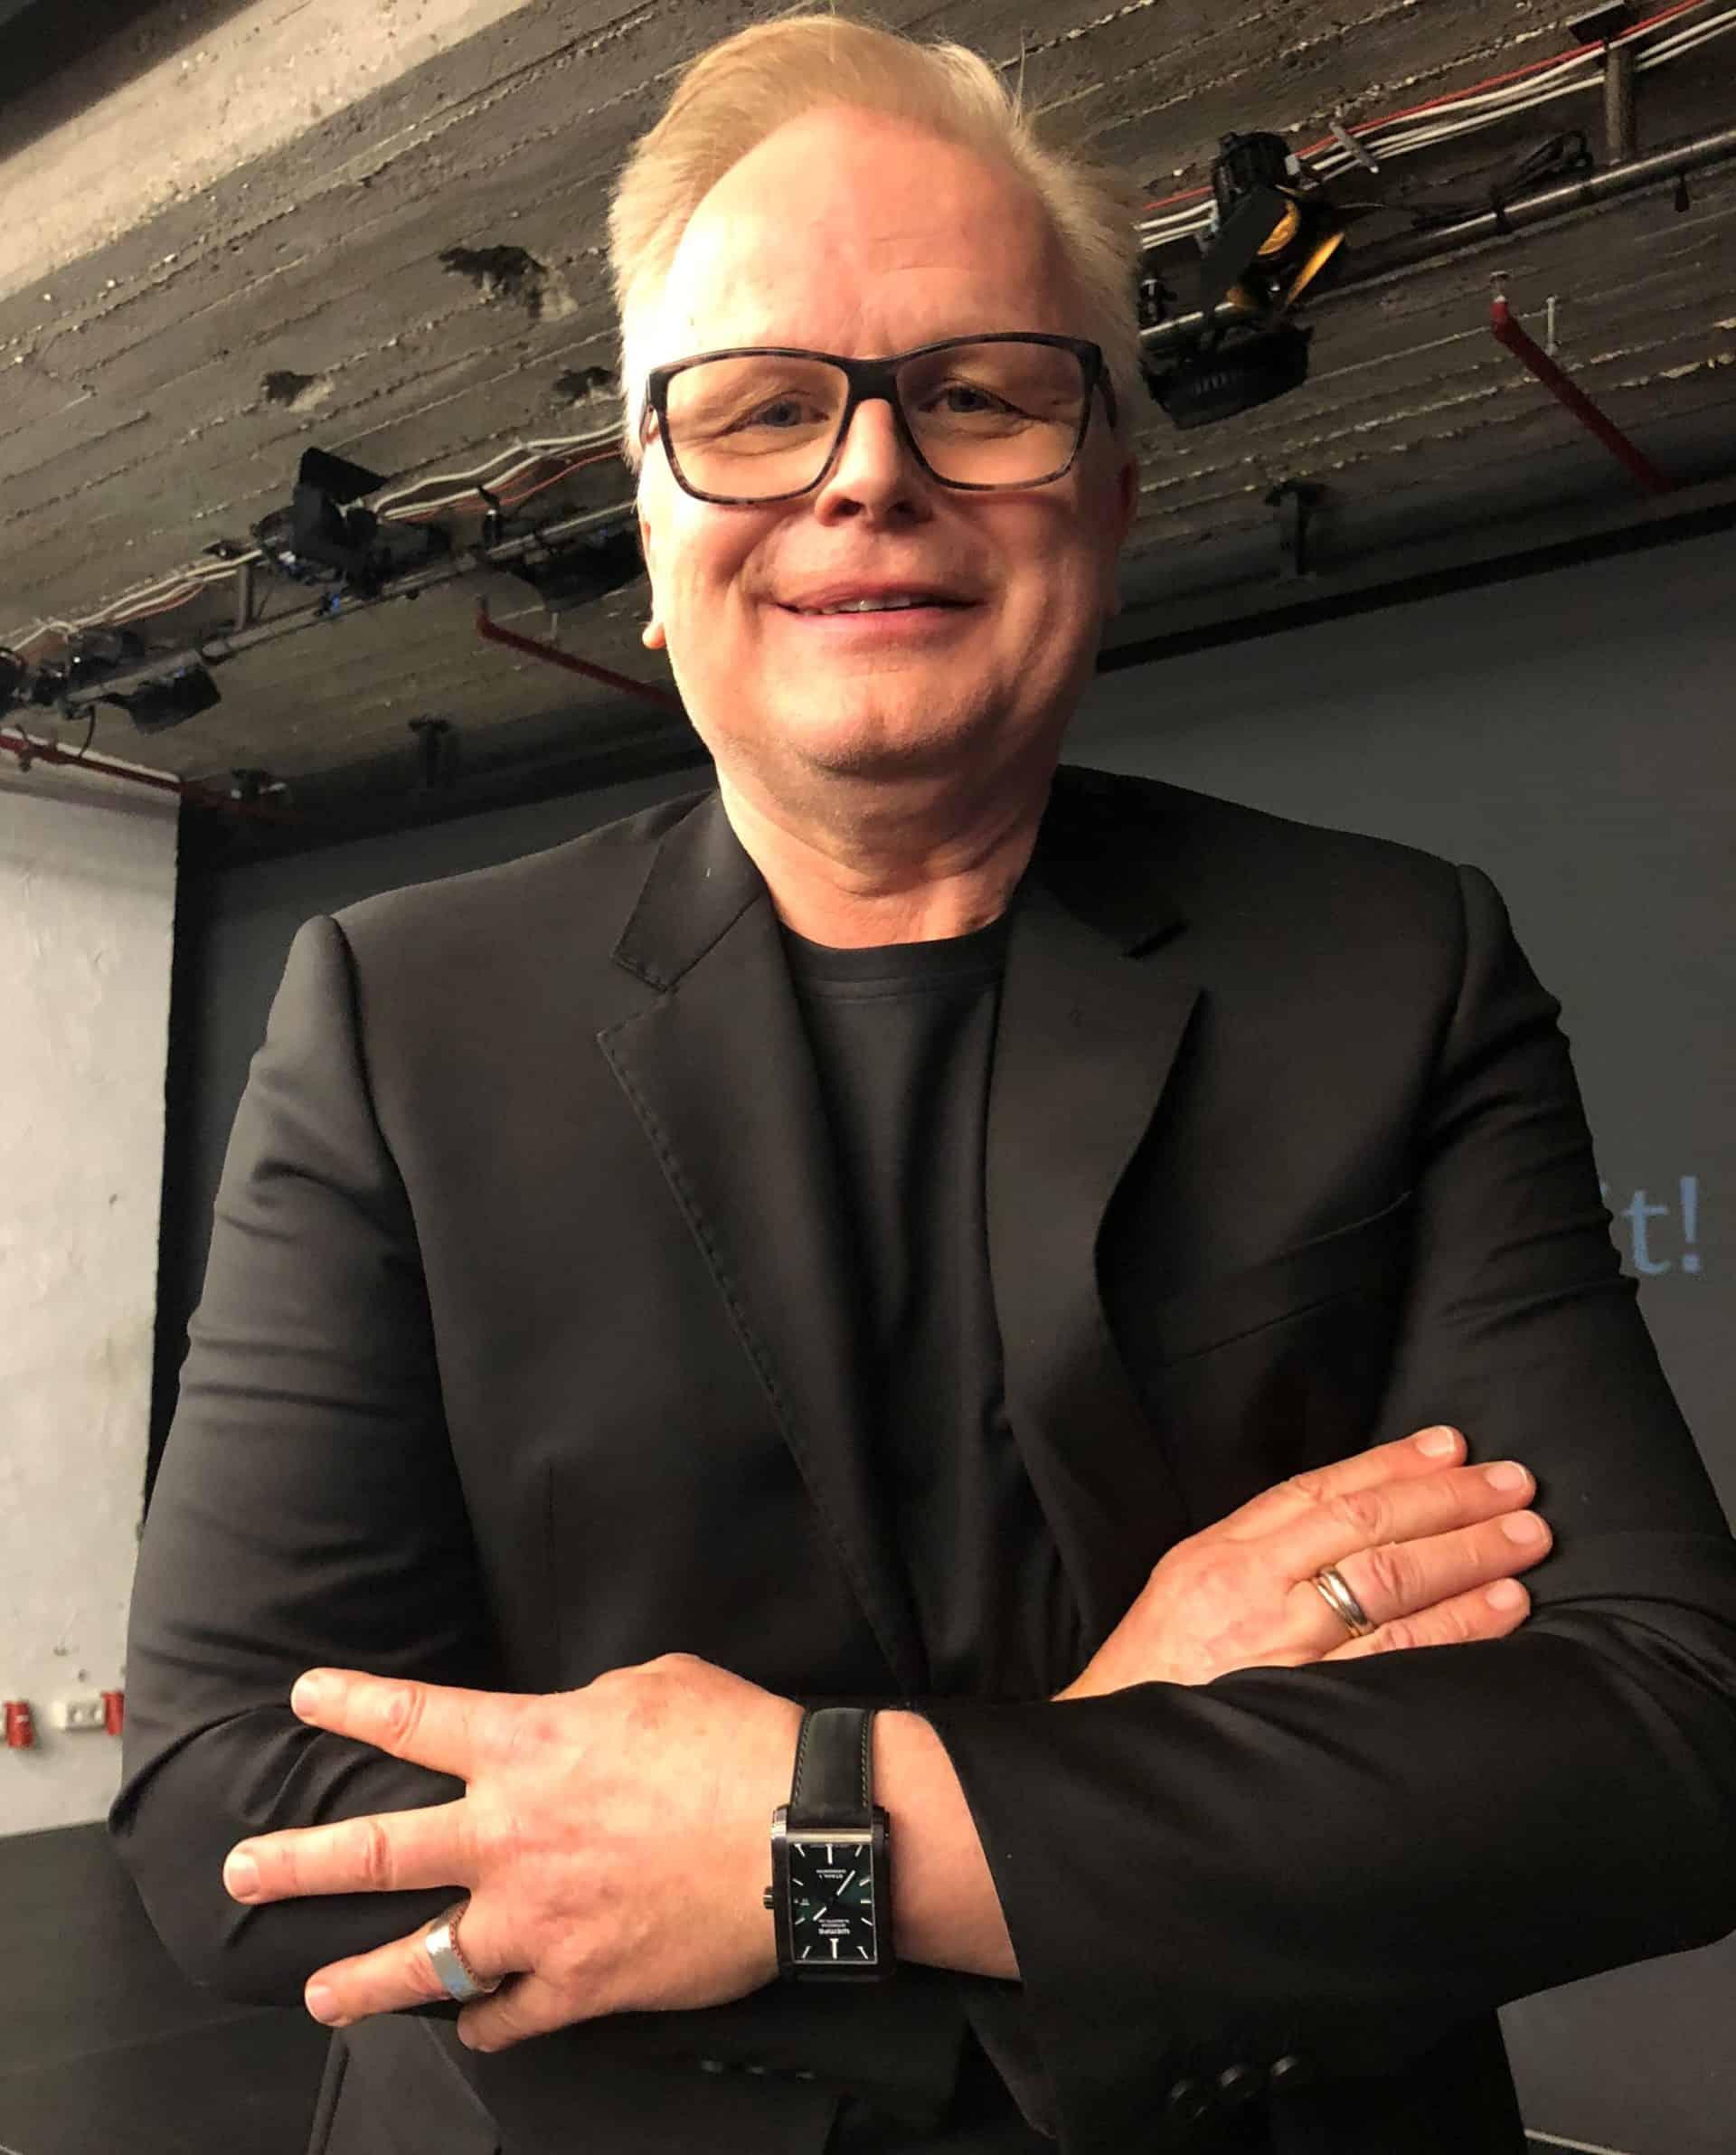 Herbert Grönemeyer mit der von ihm gestalteten Stahl Uhr am Arm